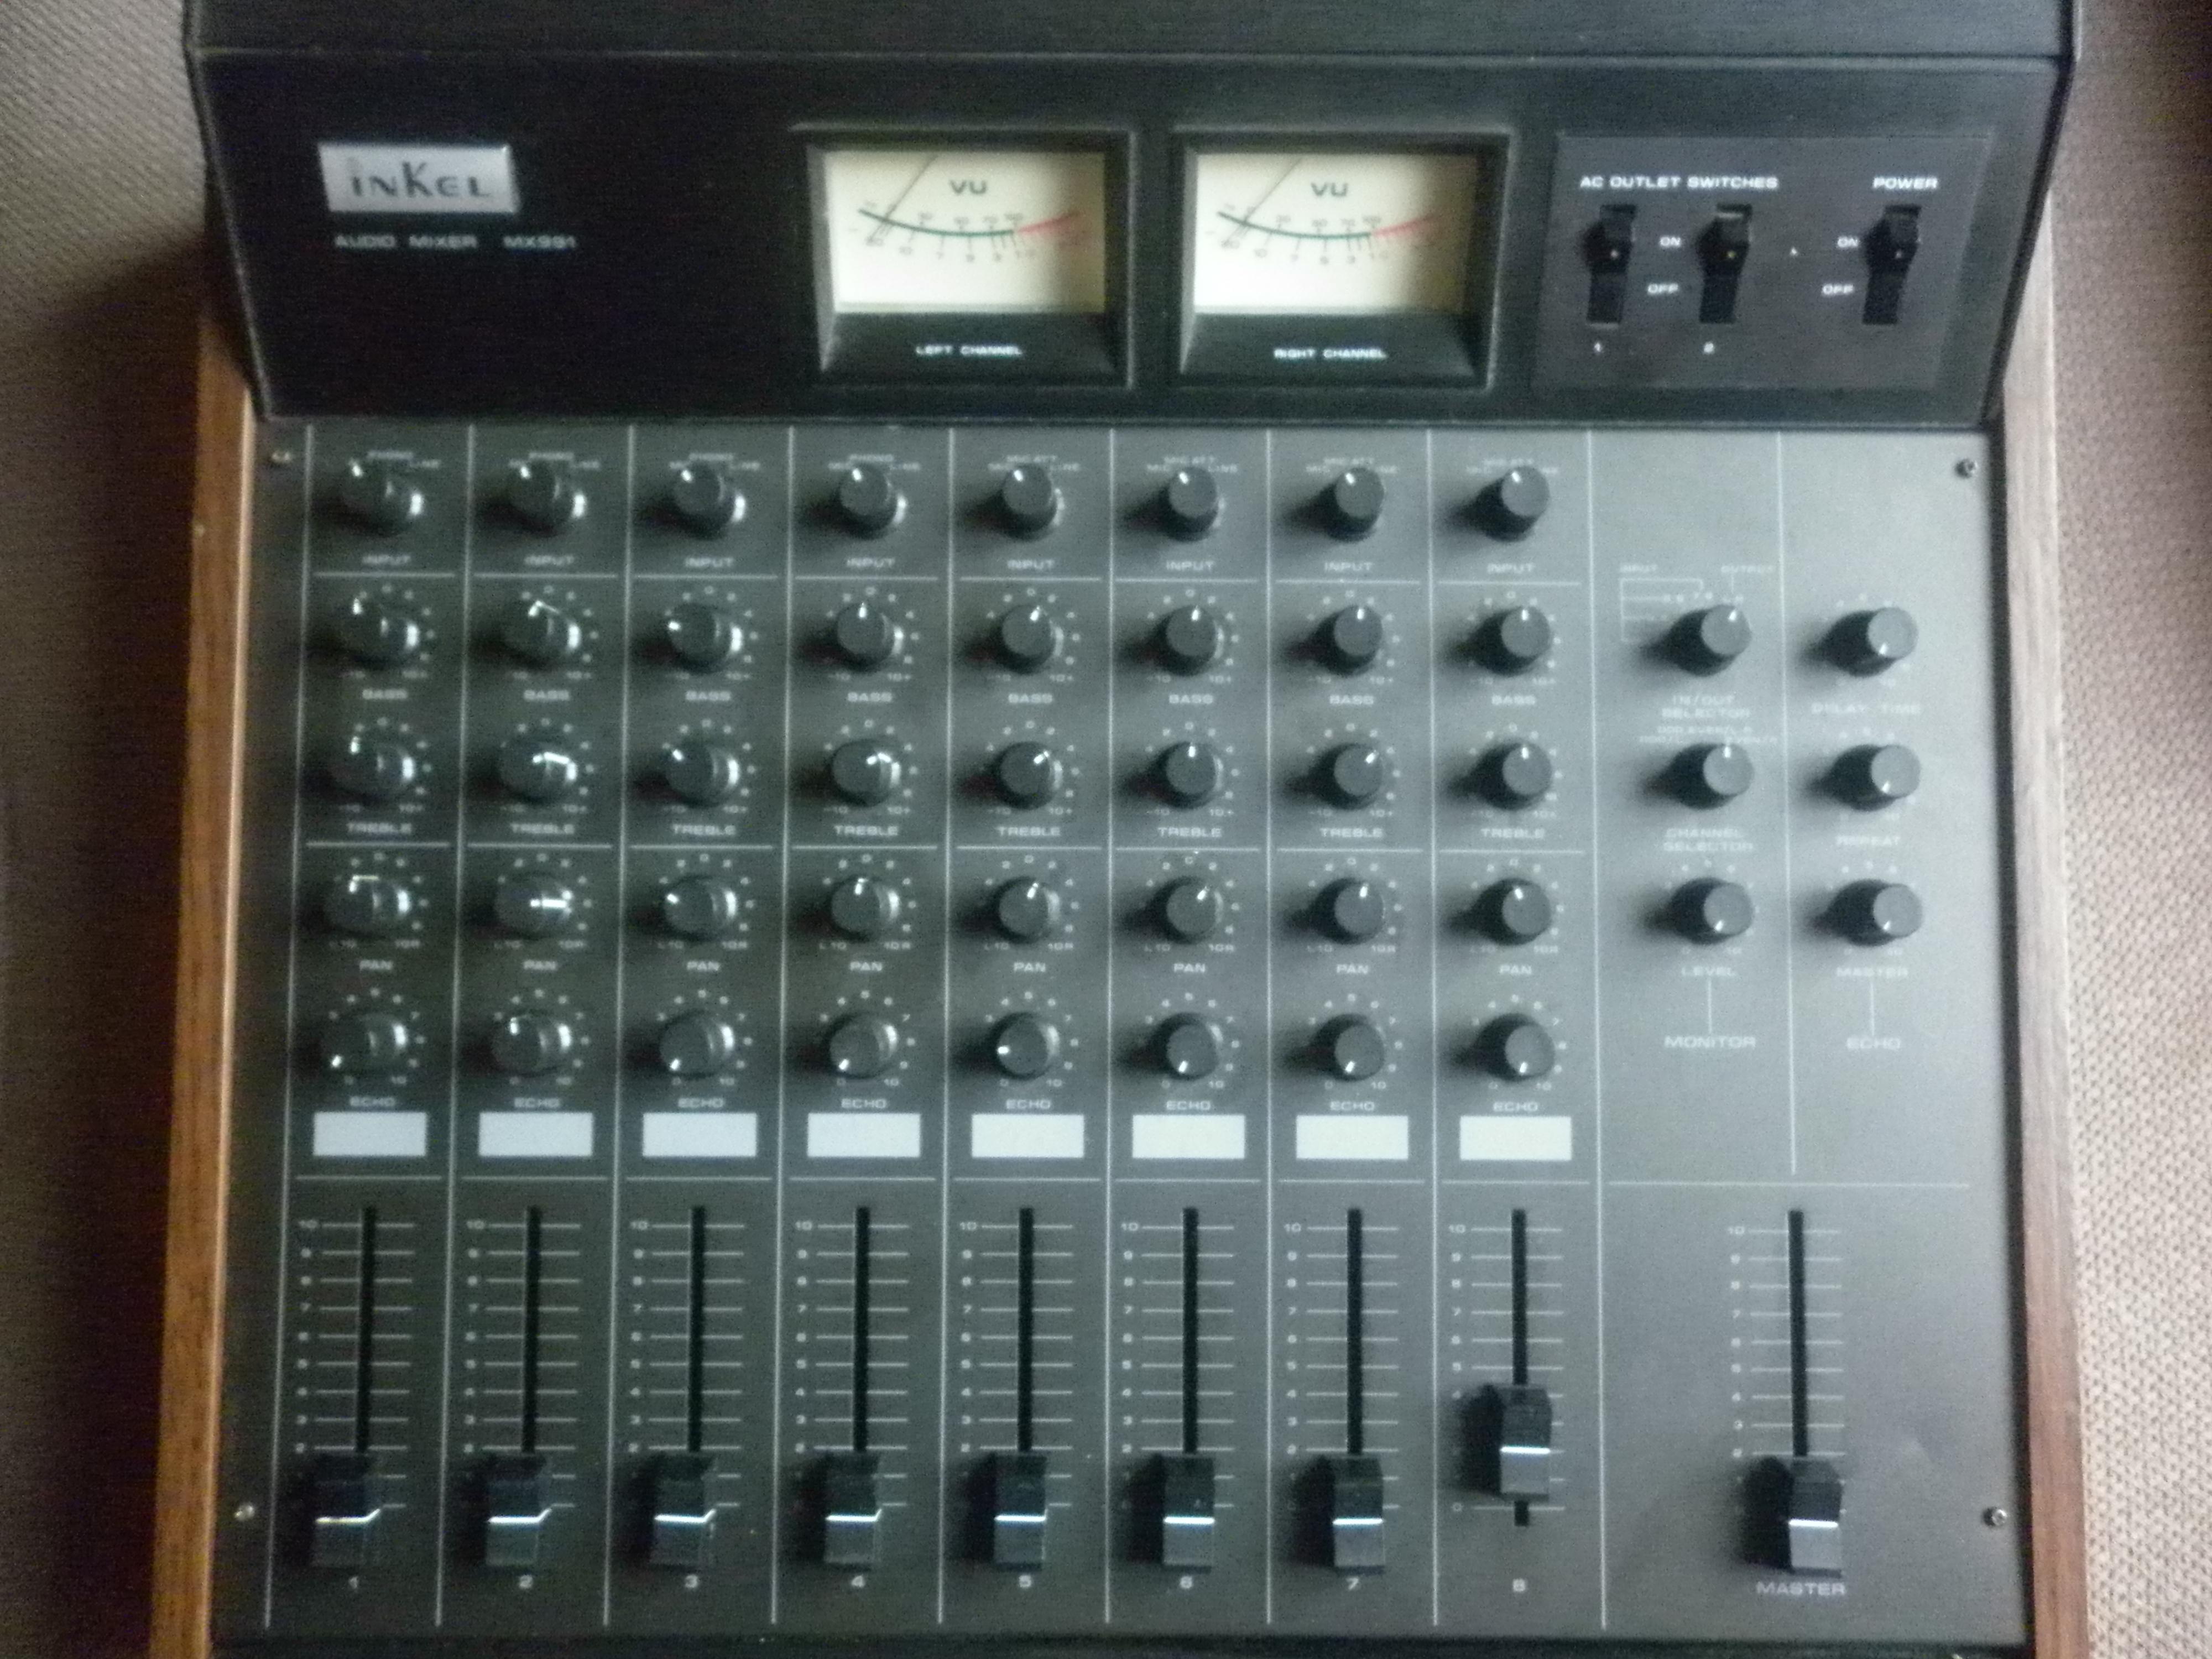 table de mixage inkel mx 991